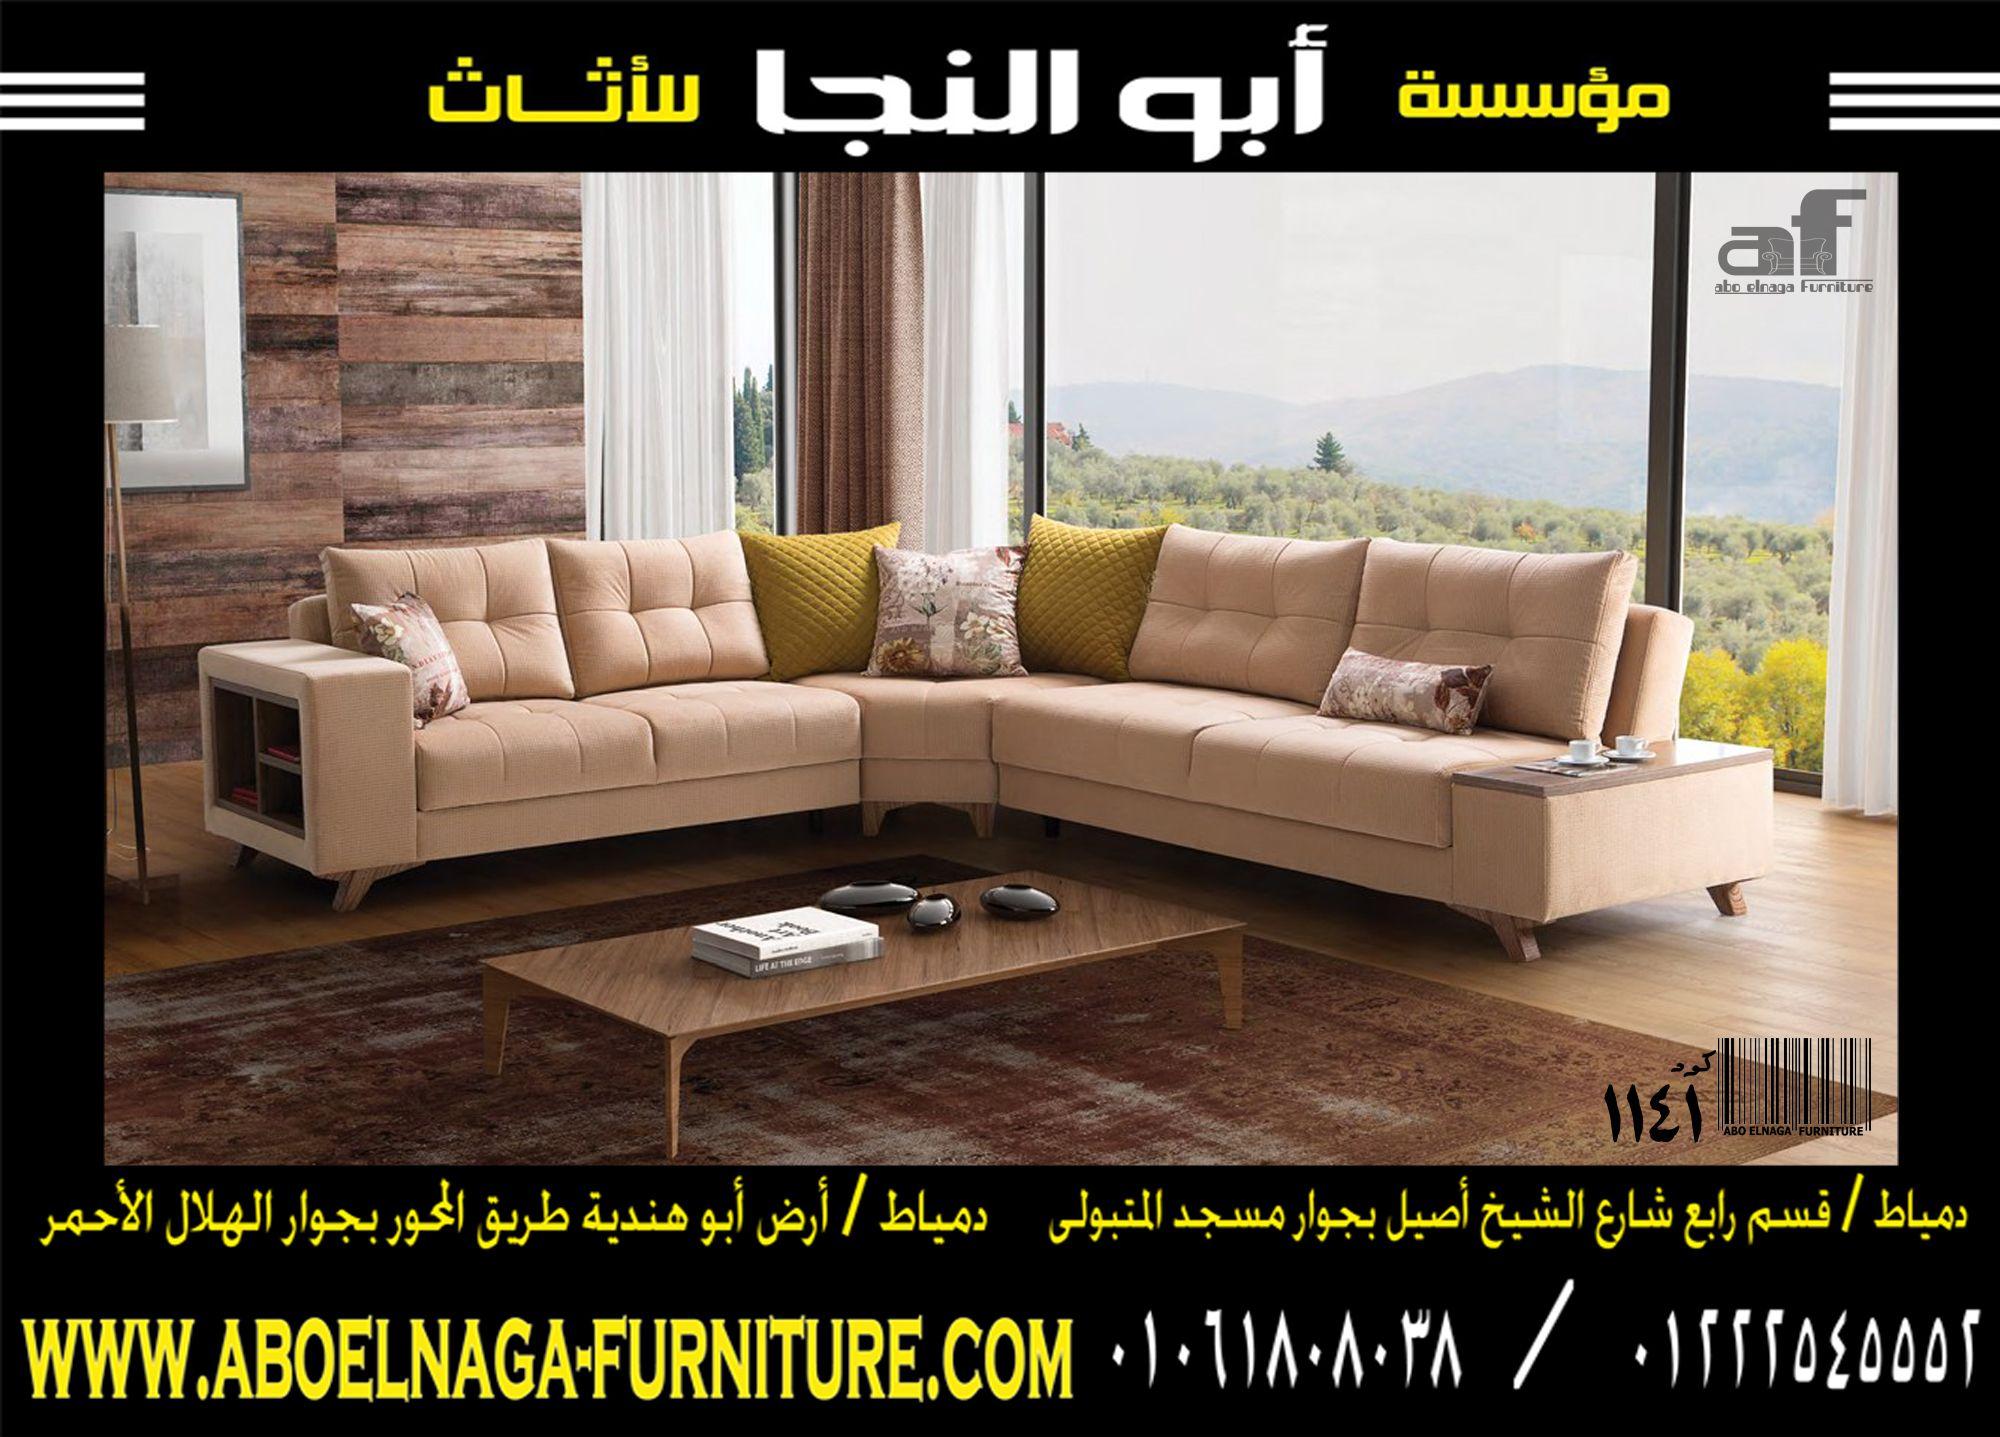 الأن بأمكانك تنفيذ صورة أى موديل يعجبك أنتريه أو صالون أو ركنه تقدر تشرفنا بالزيارة و مششاهدة جميع من Outdoor Sectional Sofa Sectional Sofa Outdoor Decor